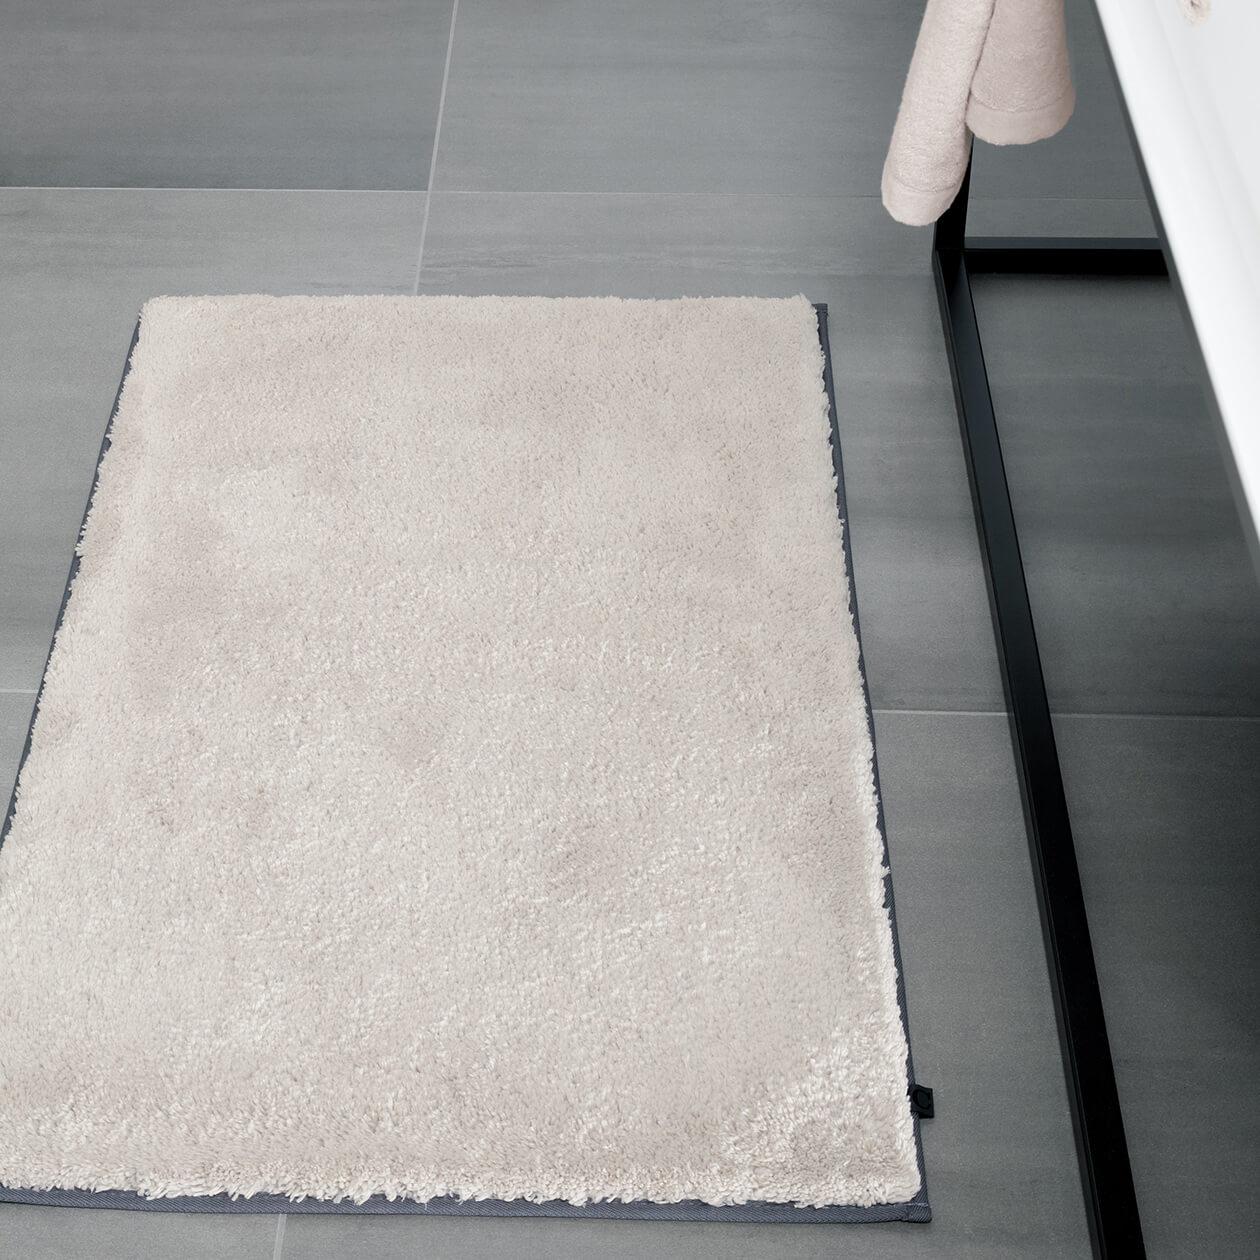 Cawö Home Badteppich Frame 1006 - Farbe: weiß - 600 70x120 cm Detailbild 3